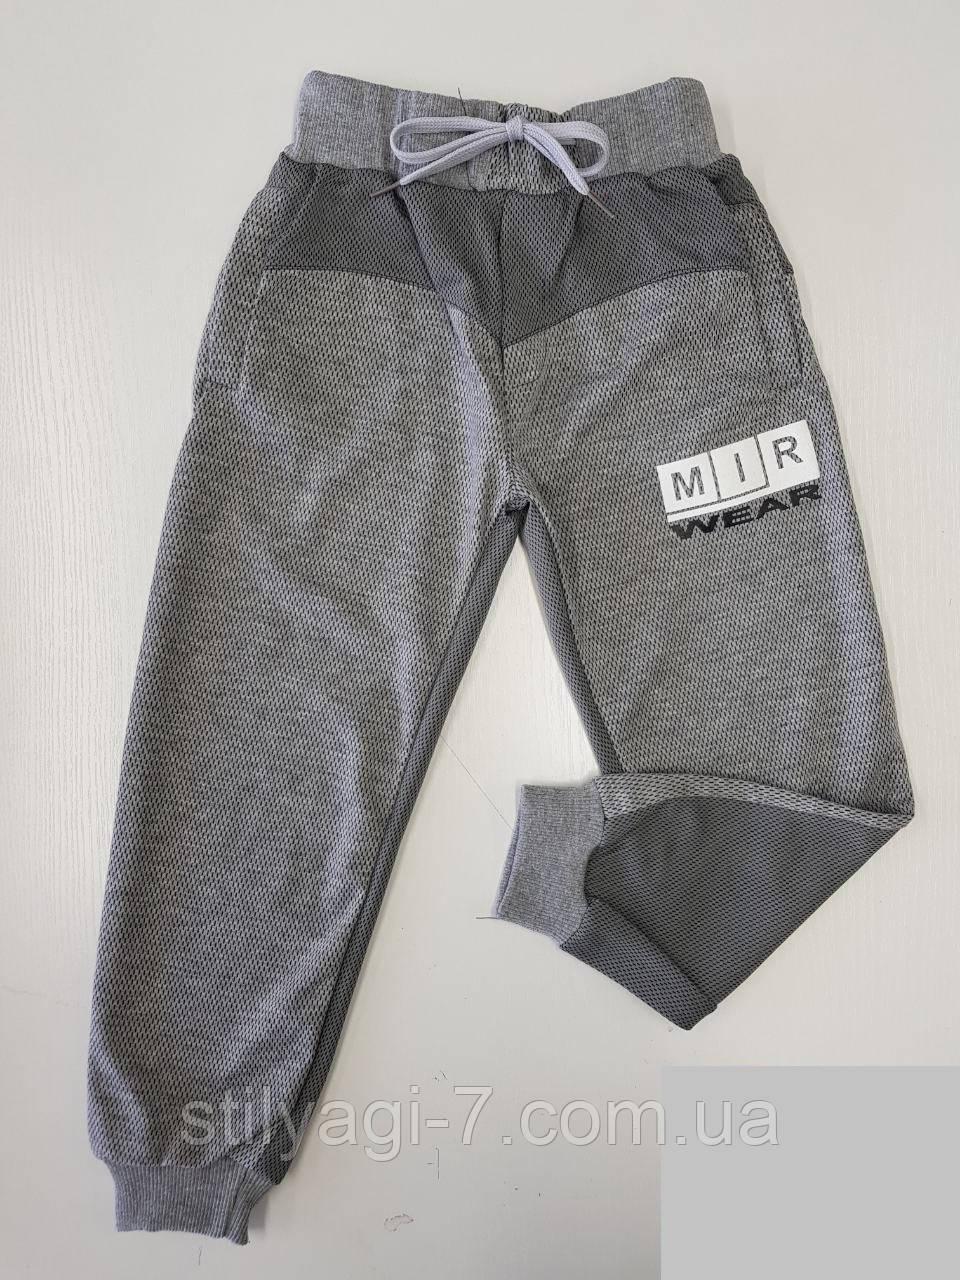 Спортивные штаны для мальчика на 13-16 лет серого цвета с надписью оптом